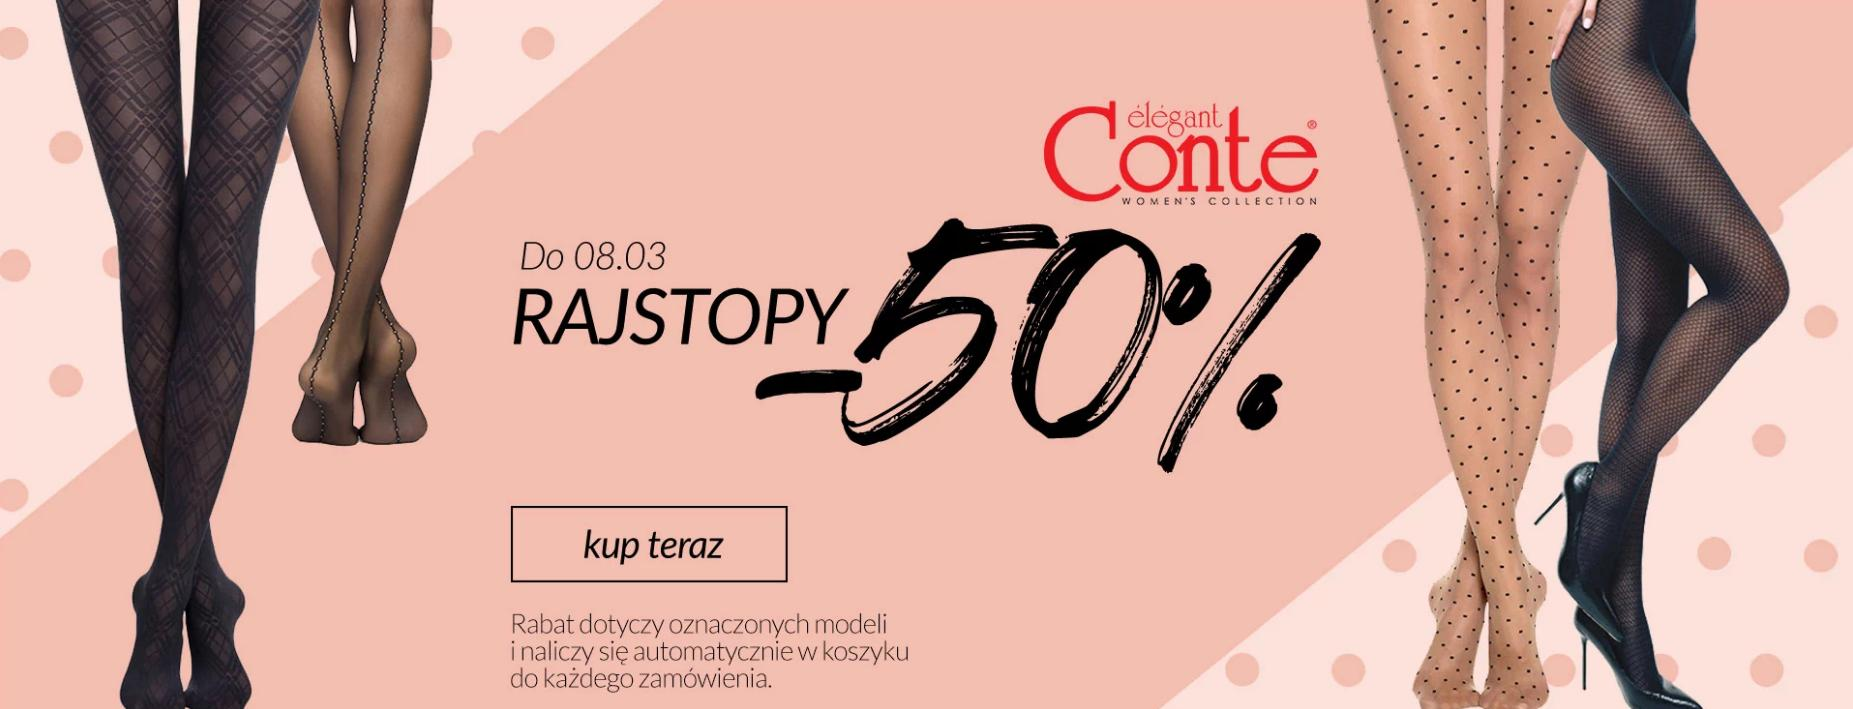 Quiosque Quiosque: 50% zniżki na rajstopy marki Conte Elegant - promocja na Dzień Kobiet